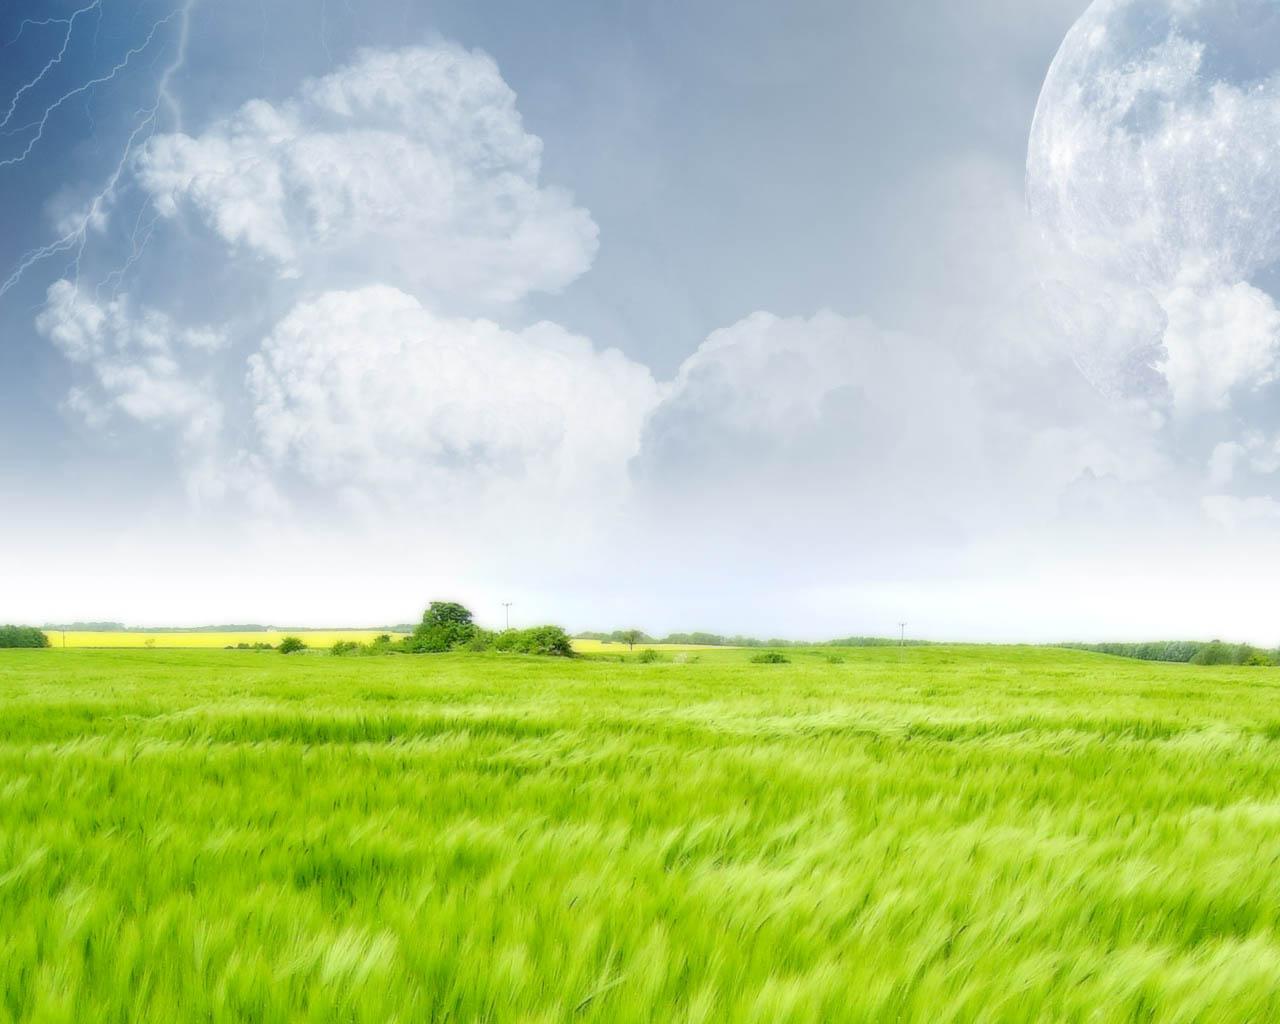 壁纸 草原 成片种植 风景 植物 种植基地 桌面 1280_1024